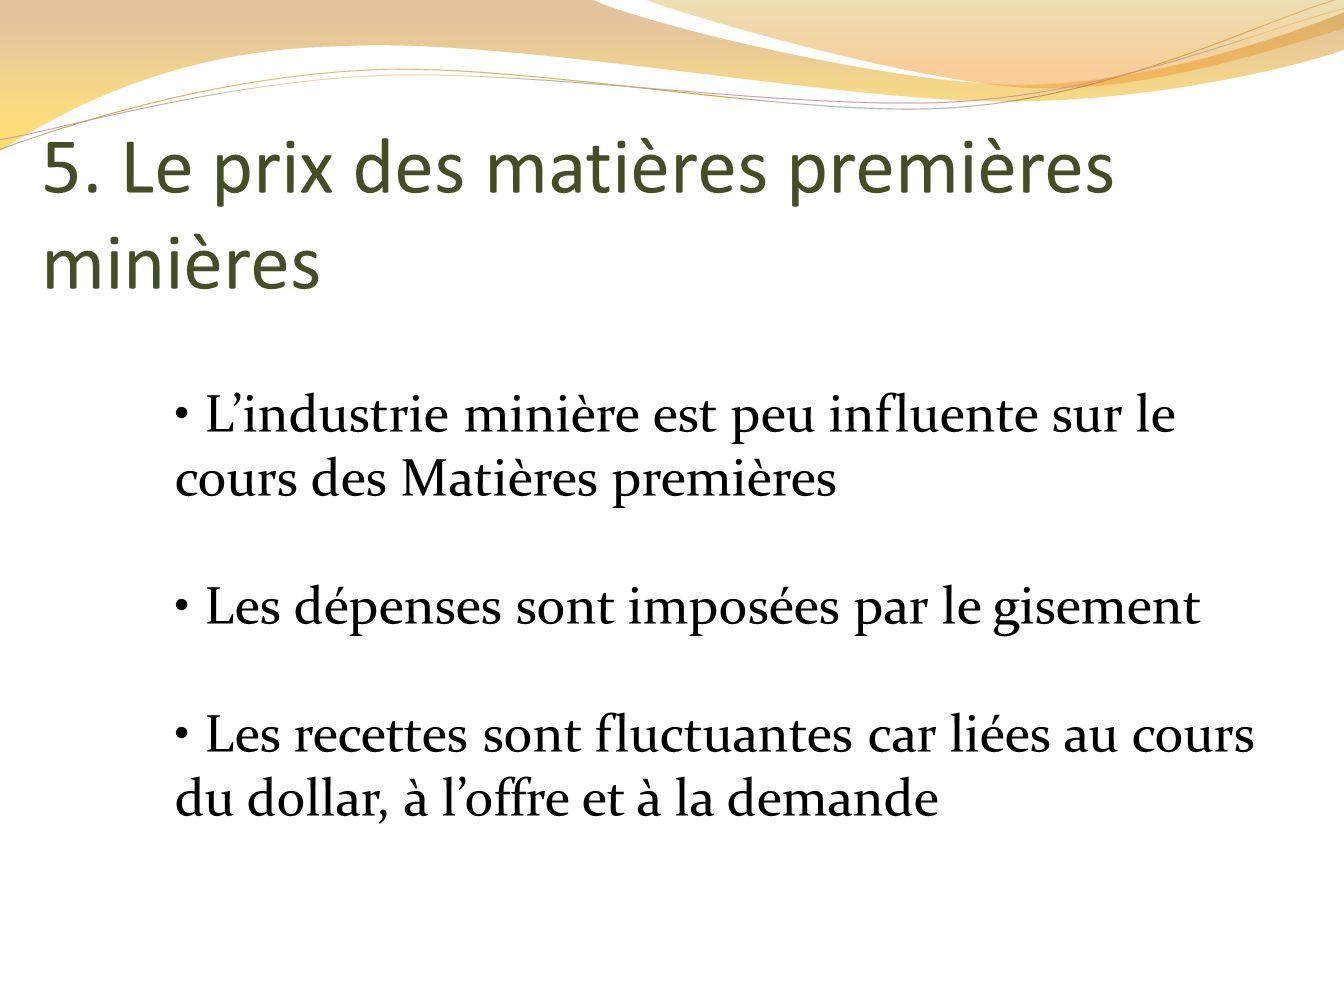 5. Le prix des matières premières minières